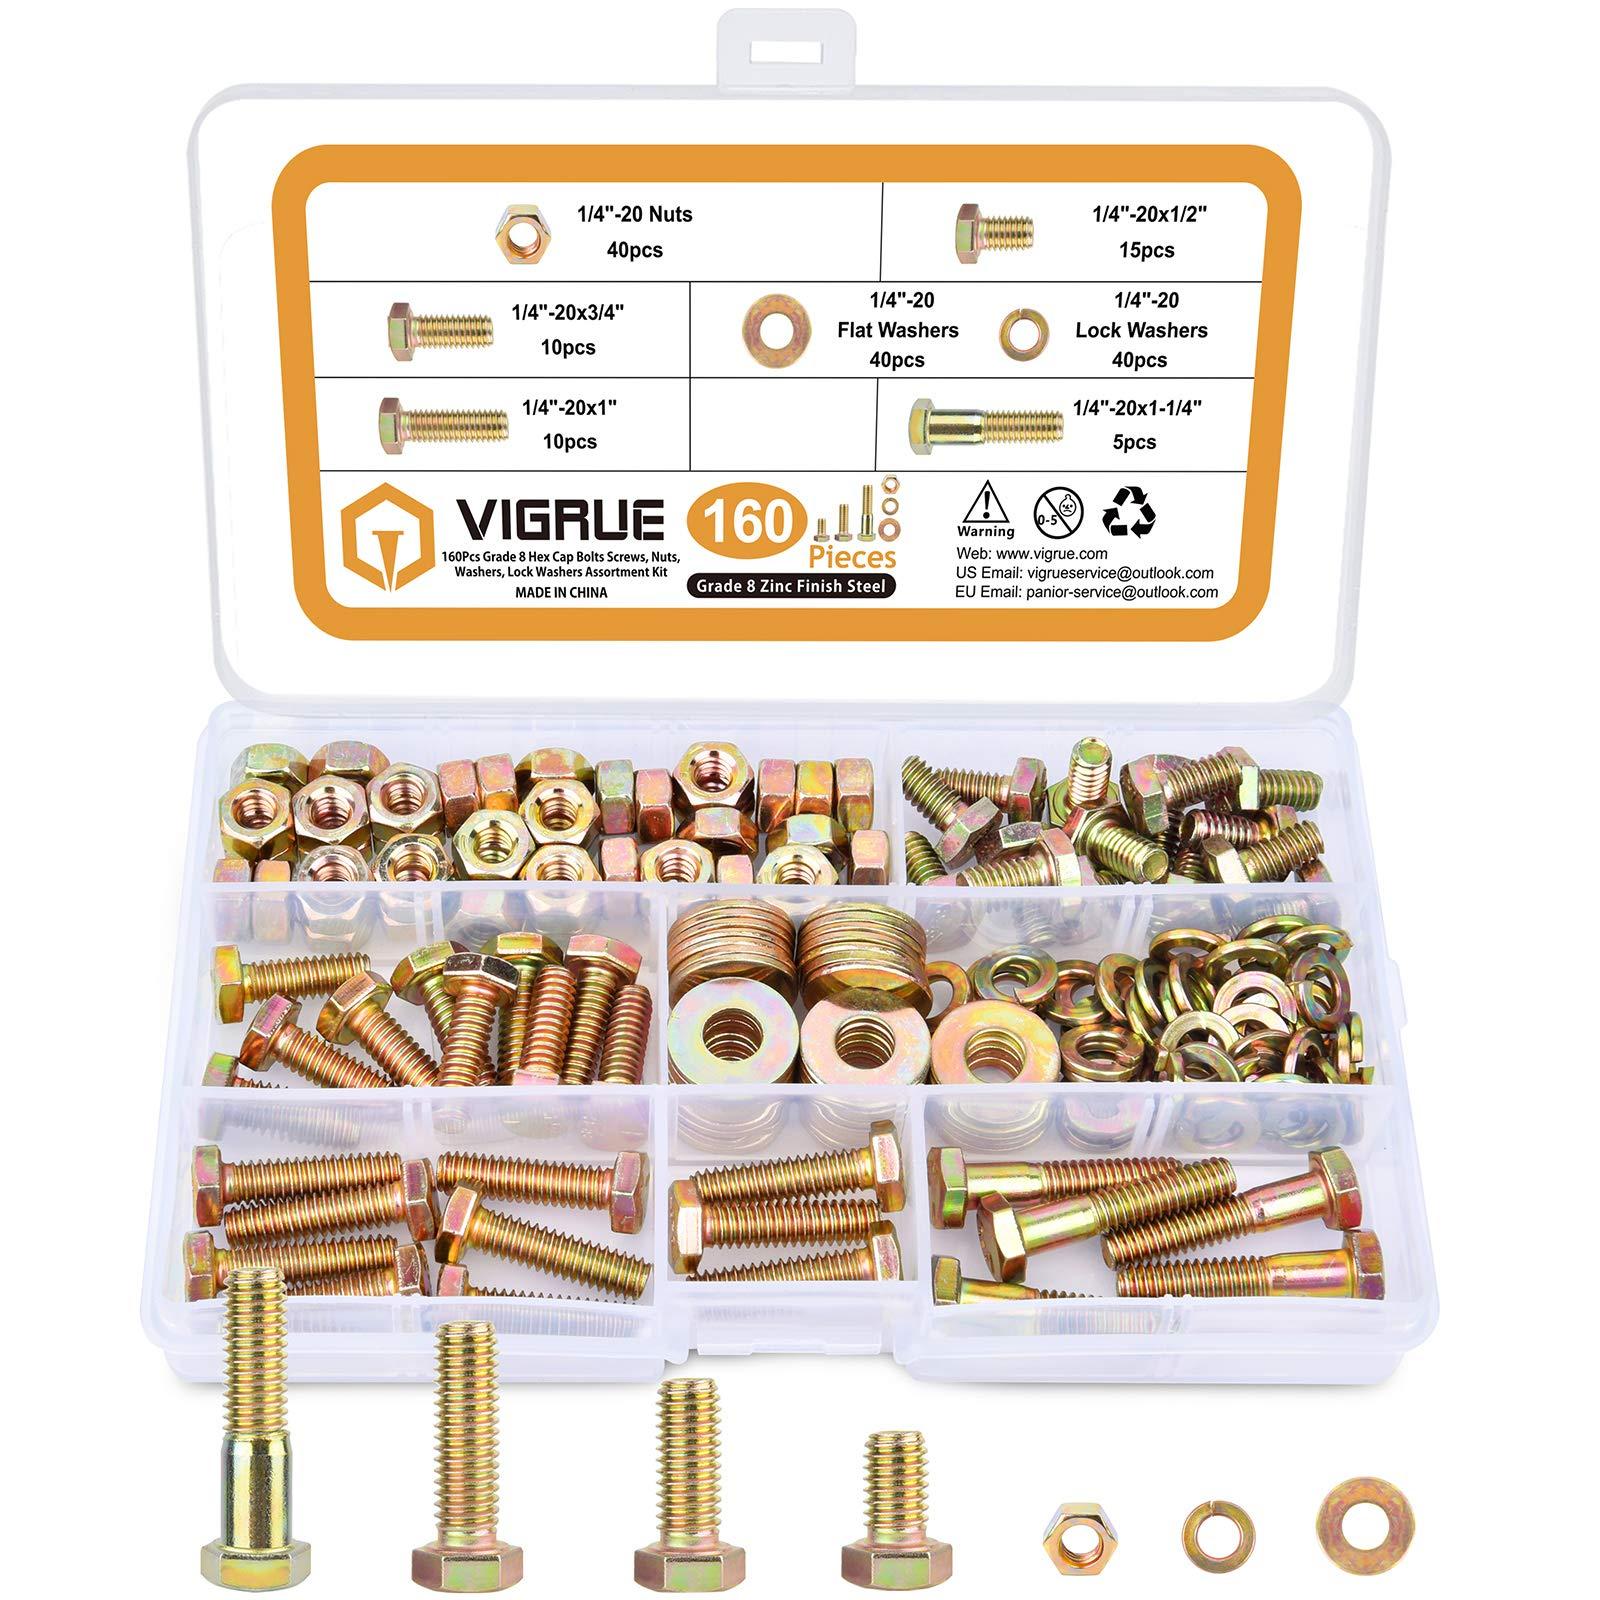 """VIGRUE 160Pcs 1/4""""-20 Grade 5 Hex Cap Bolts Screws Nuts Flat Washers Lock Washers Assortment Kit, Zinc Finish Steel, Coarse Thread, 4 Sizes Total"""